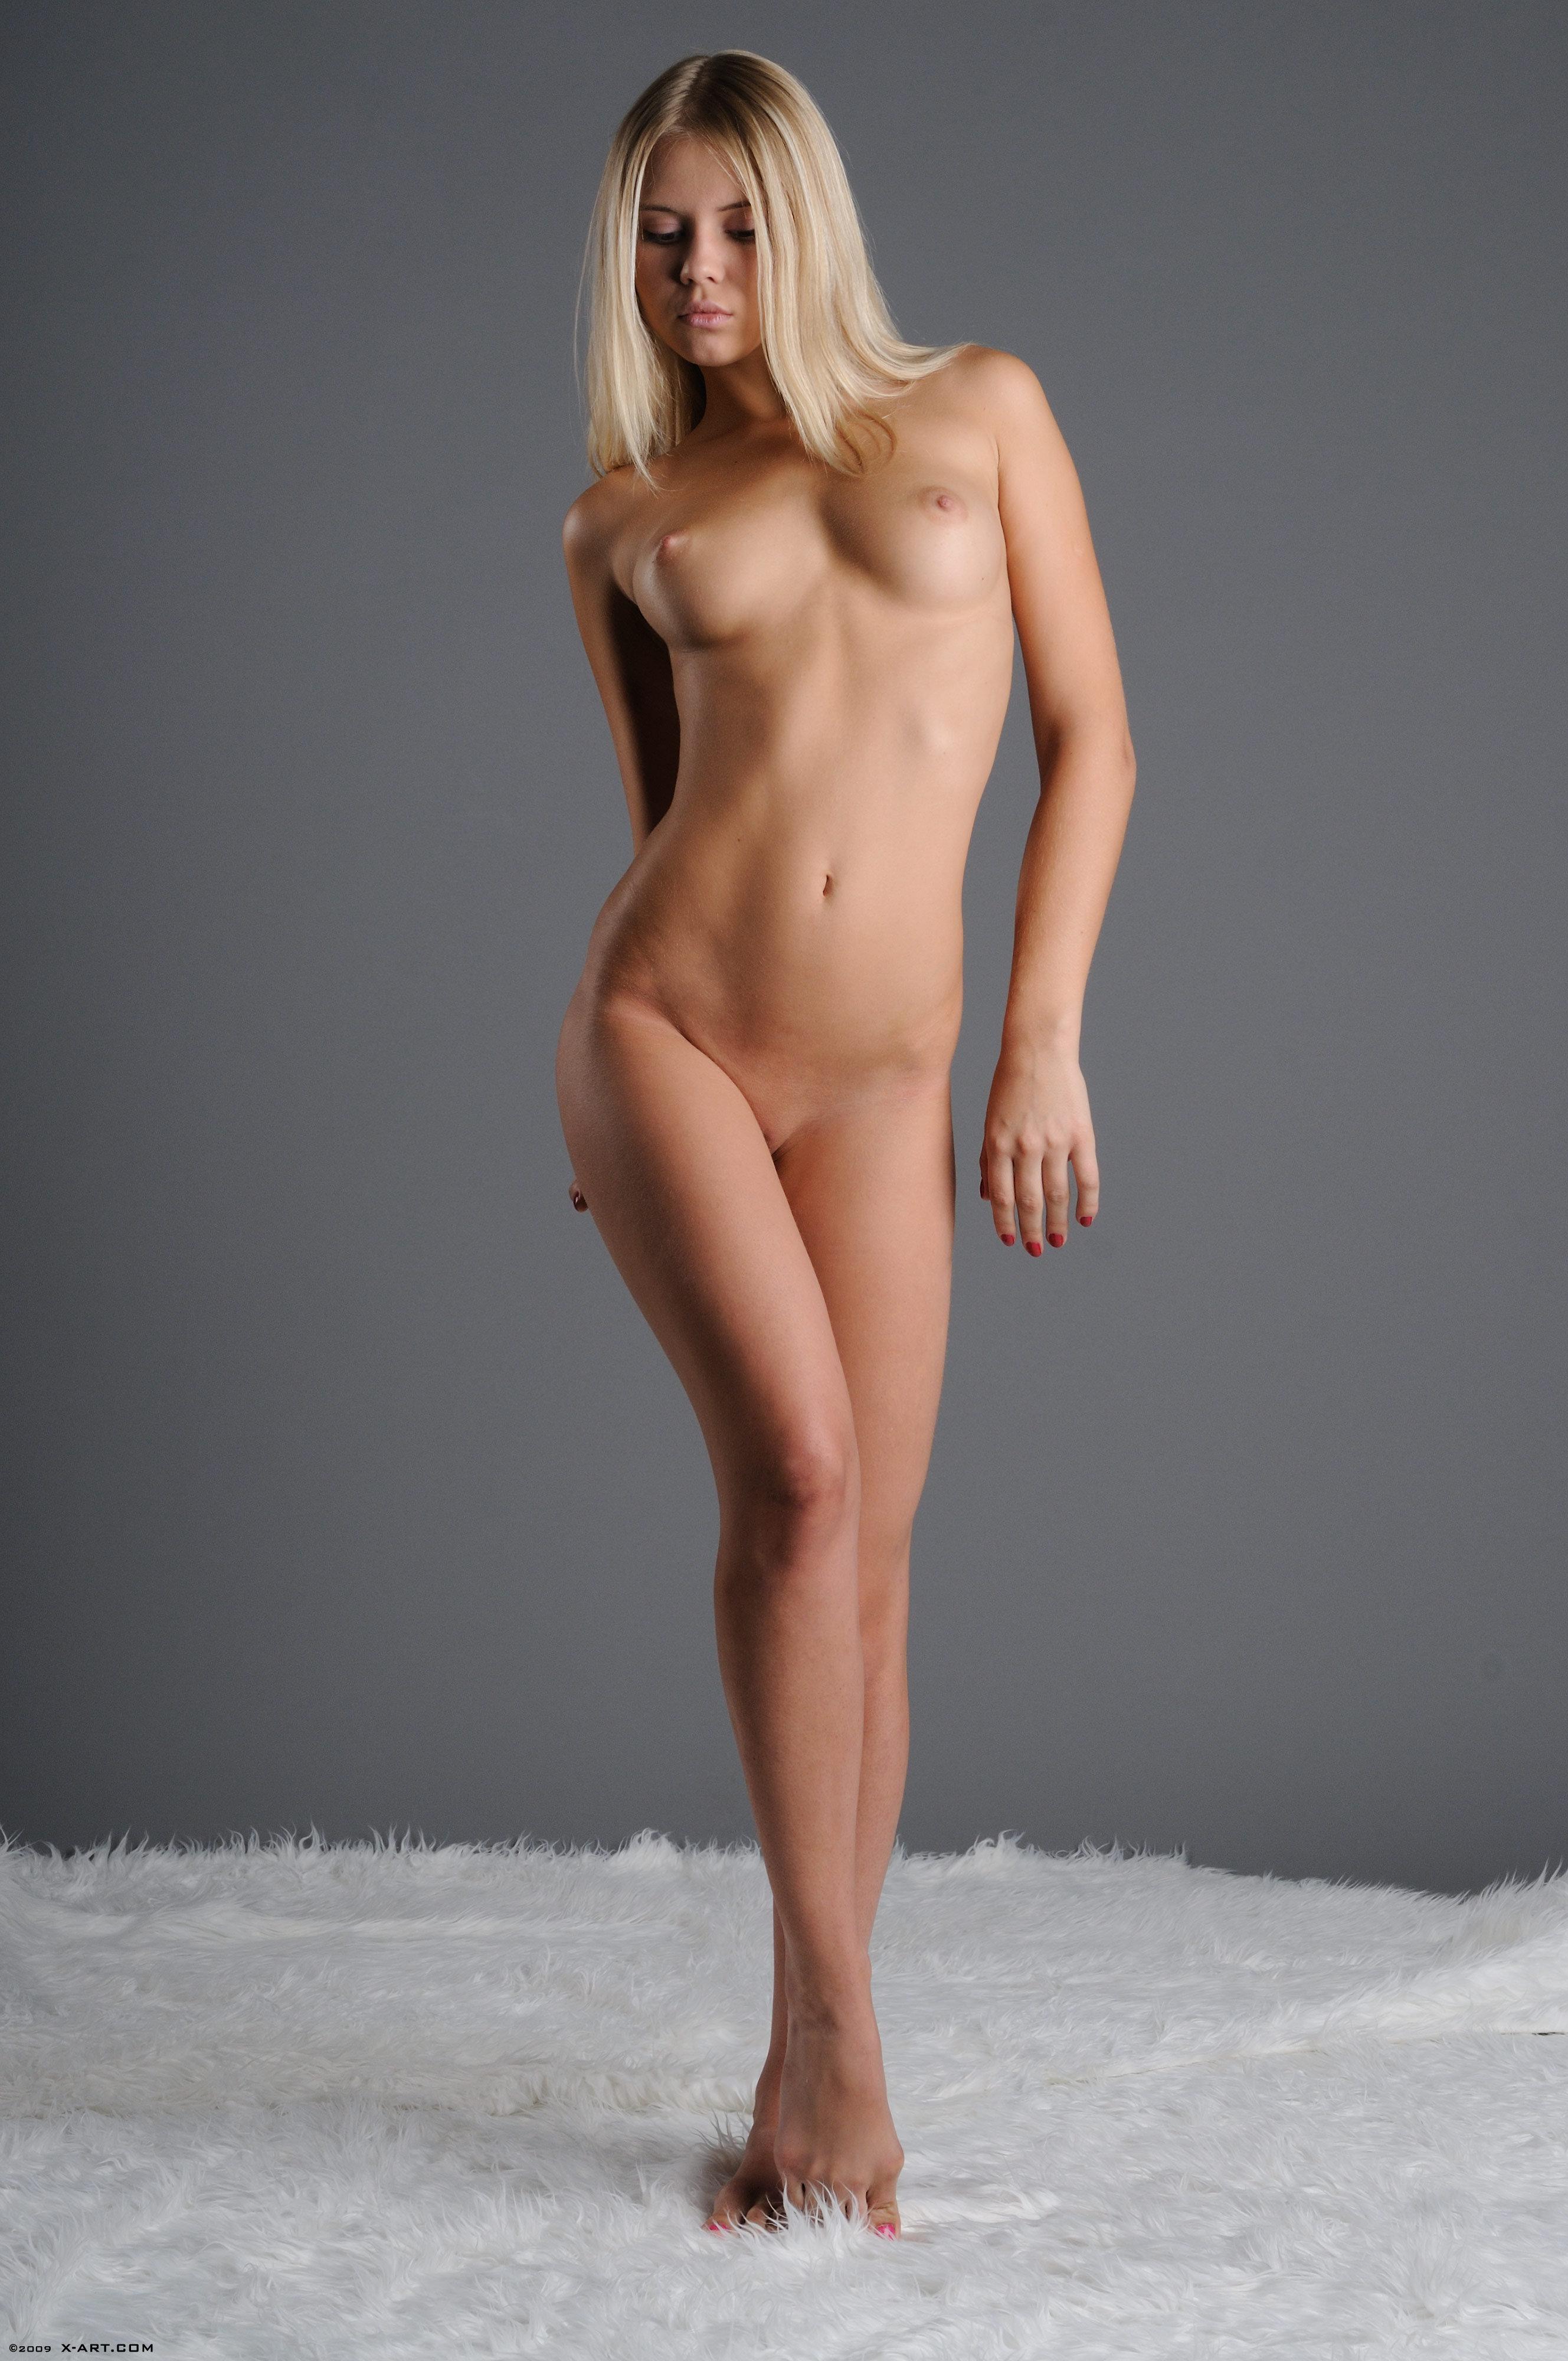 Фото голые девушки ростова 7 фотография